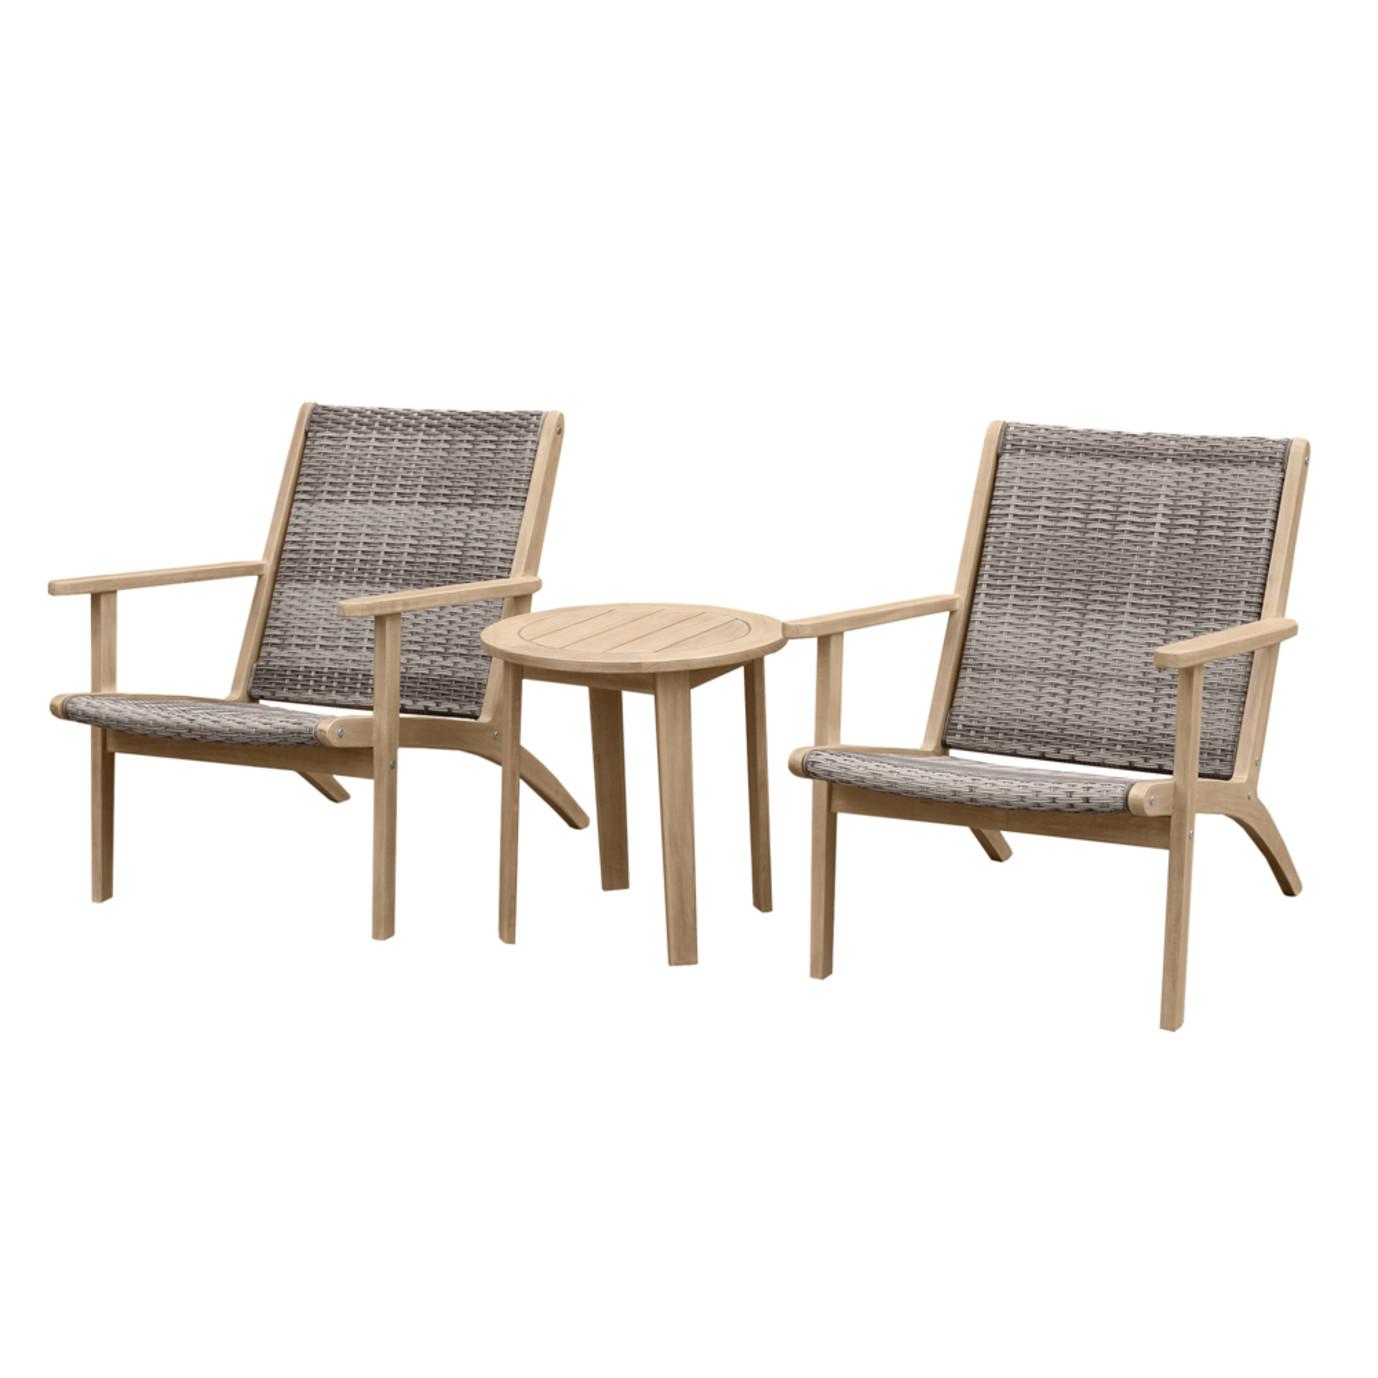 Imani 3pc Seating Set